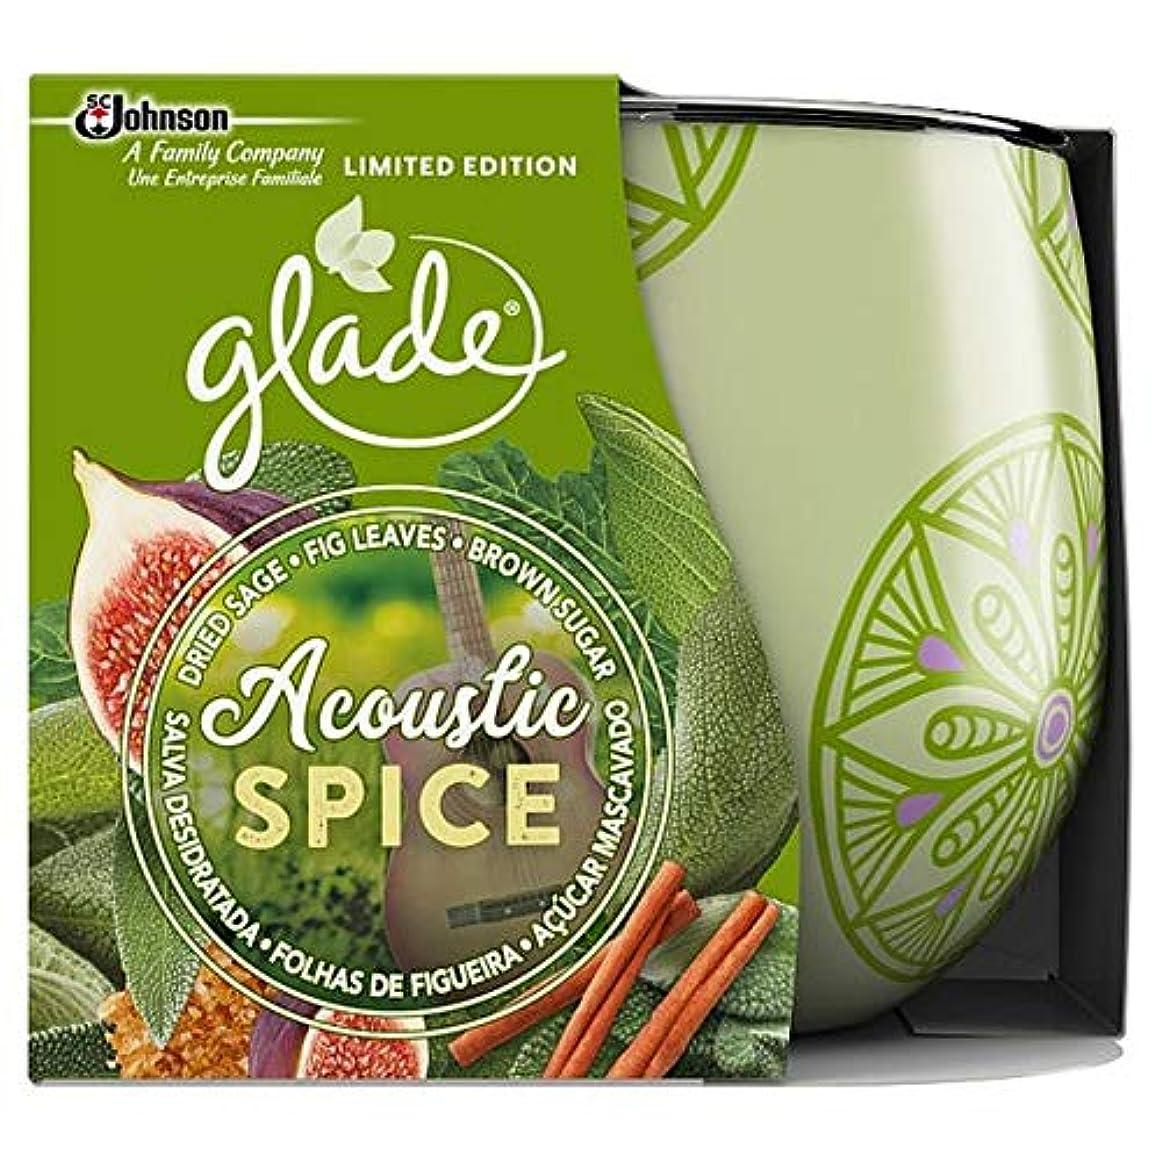 取り出す動物流出[Glade ] 音響スパイスキャンドル120グラムを空き地 - Glade Acoustic Spice Candle 120G [並行輸入品]